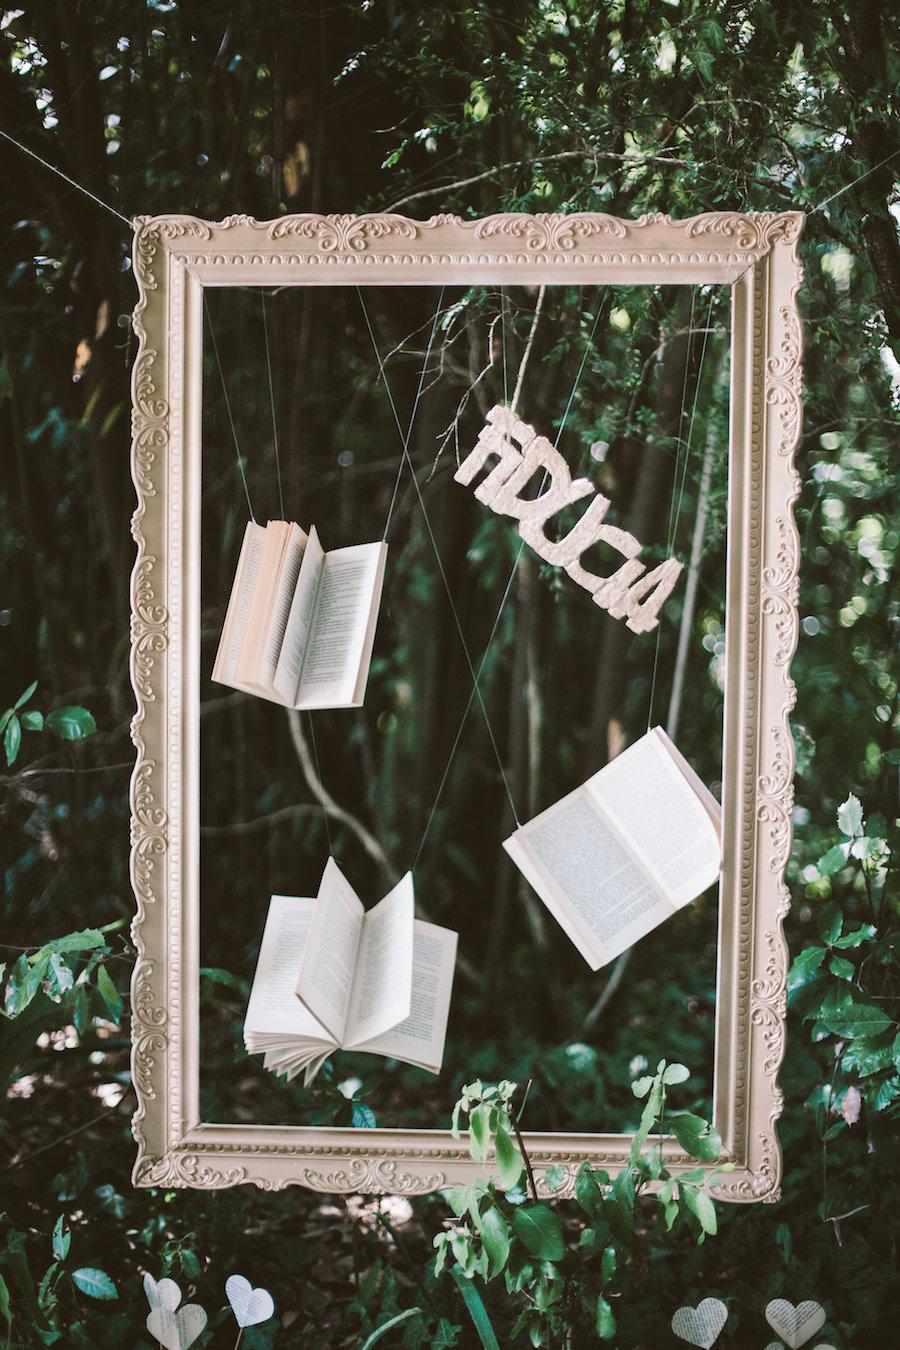 allestimento matrimonio a tema libri